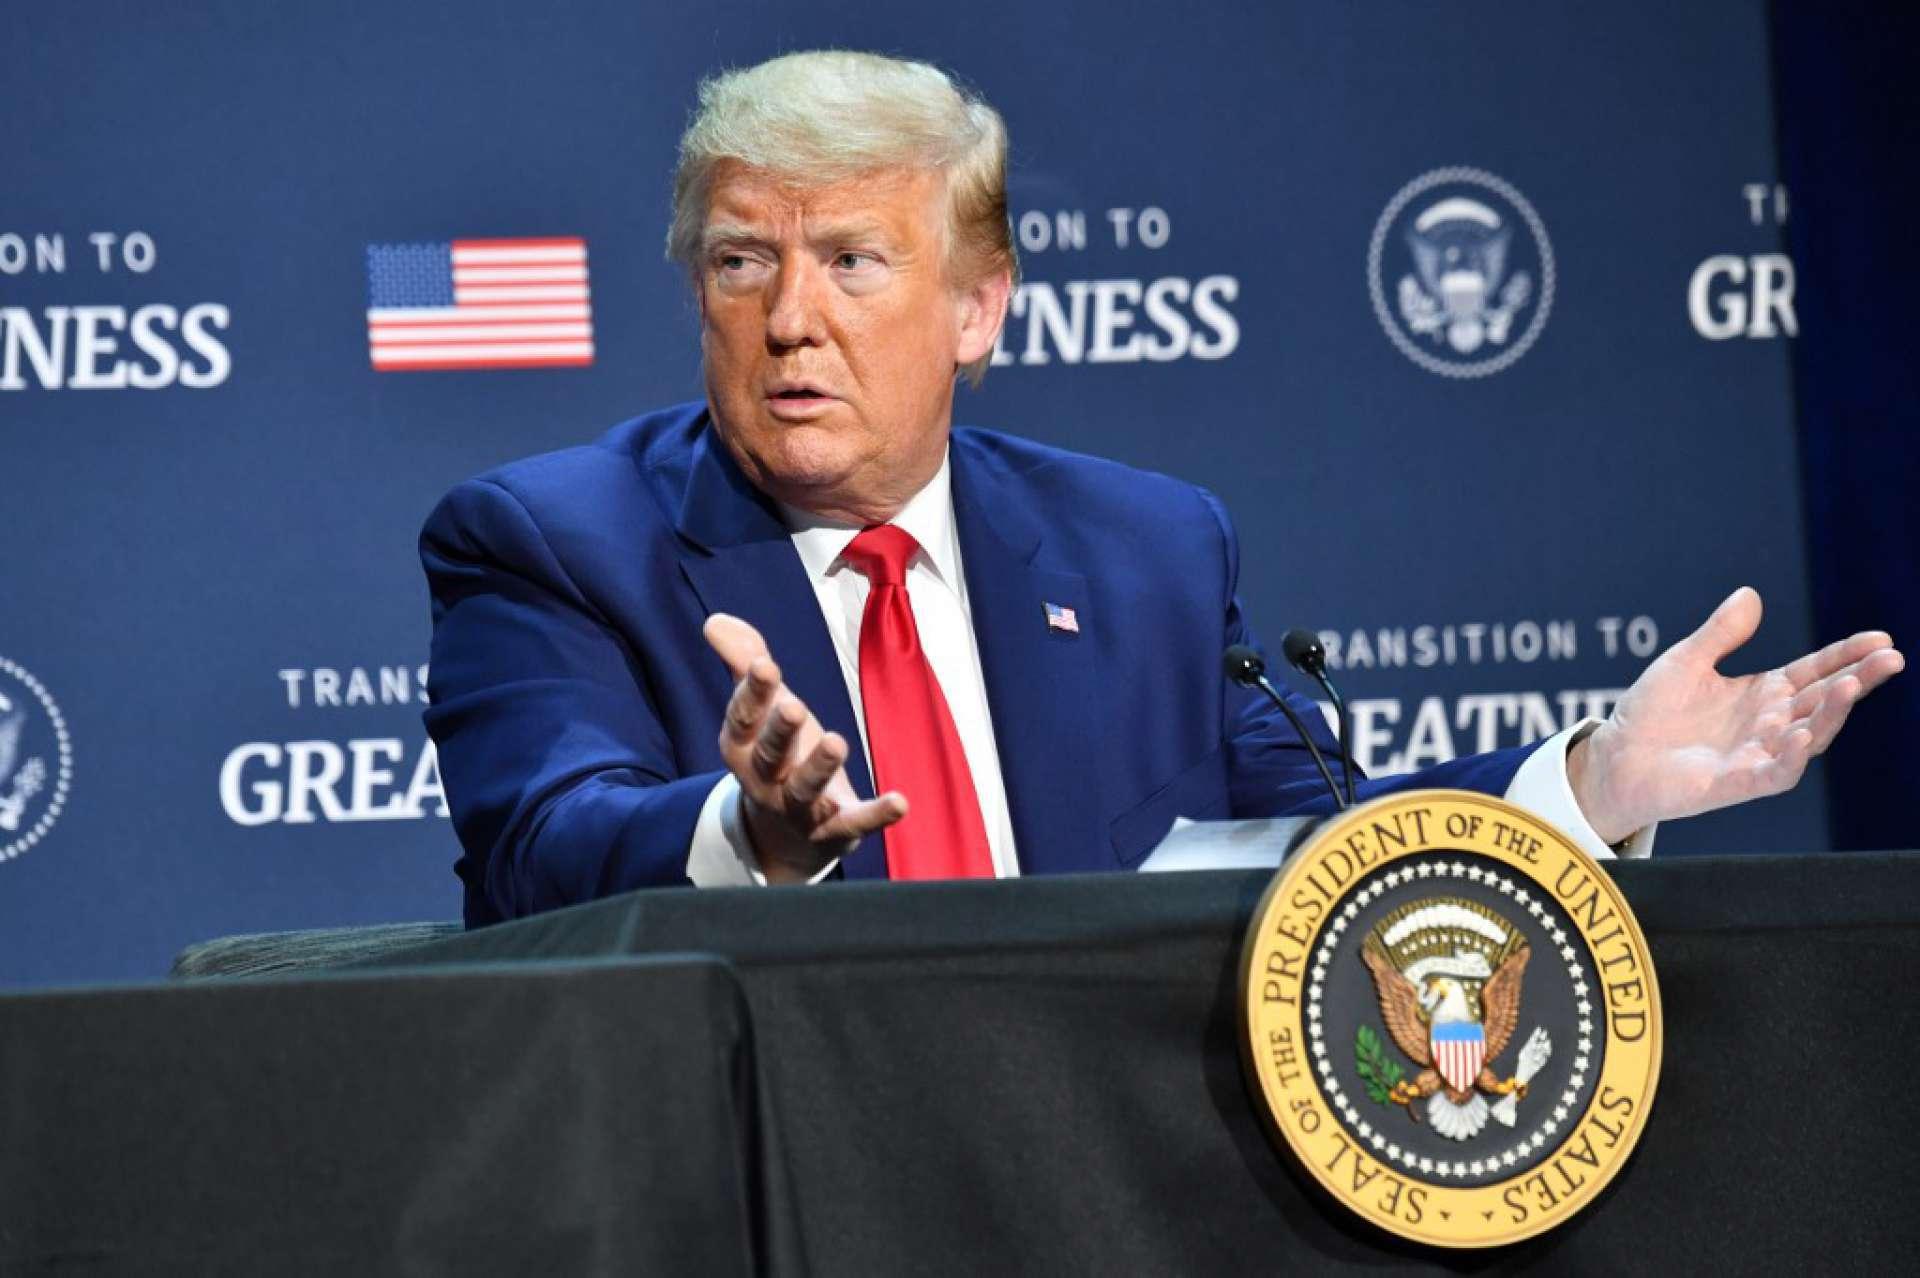 Presidente Donald Trump criticou a Suprema Corte após decisão desfavorável (Foto: Nicholas Kamm / AFP)